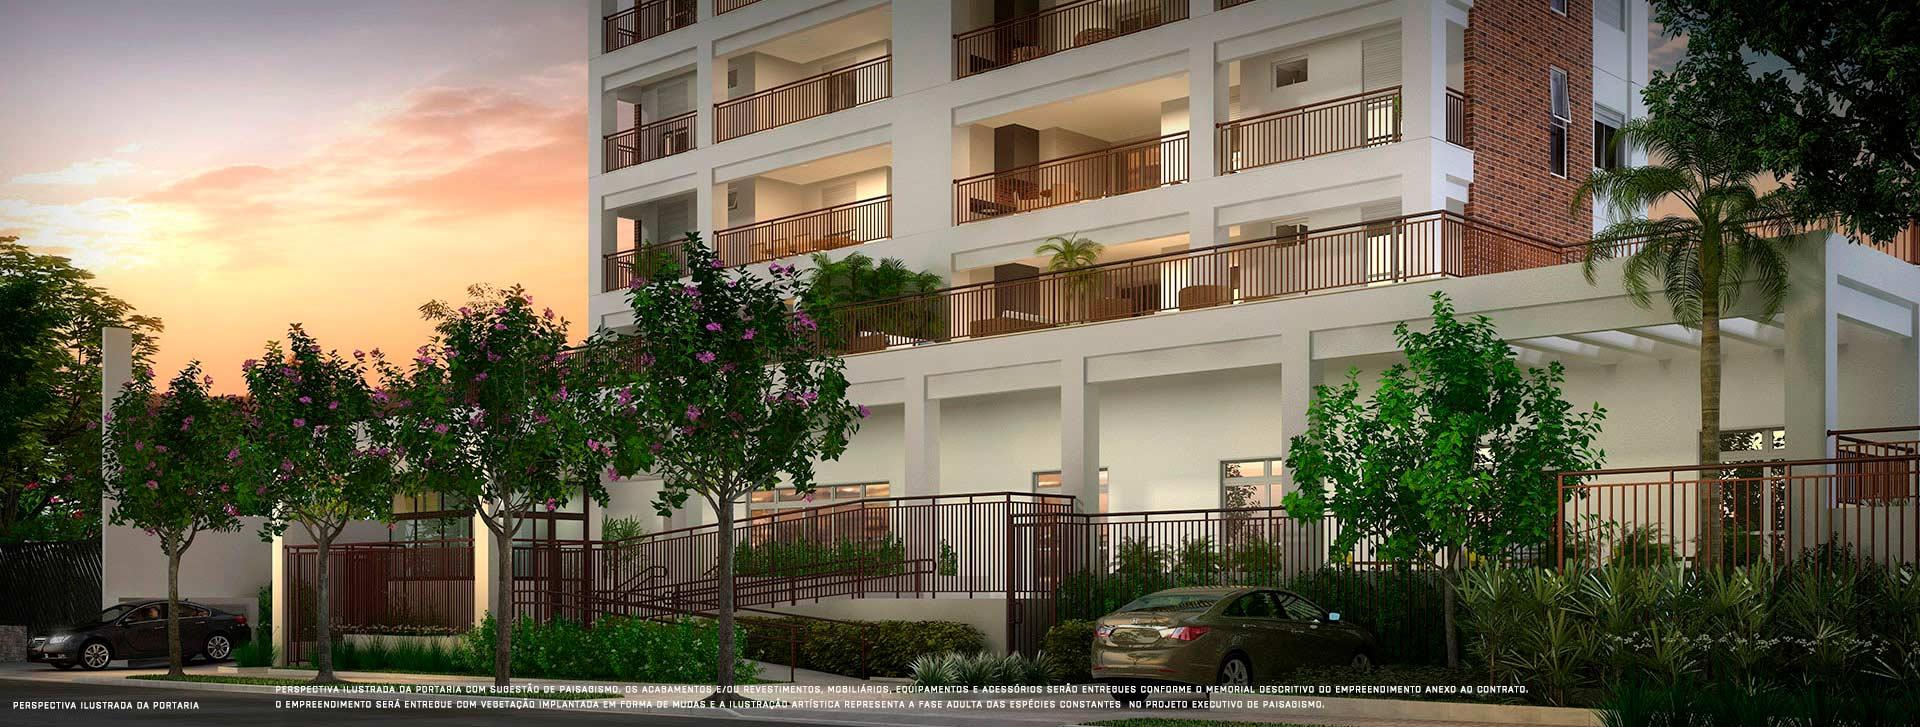 Colina-103-Jardim-da-Saude-Lancamento-Apartamento-3-Dormitorios-Entrada-Rua-Tuiucue